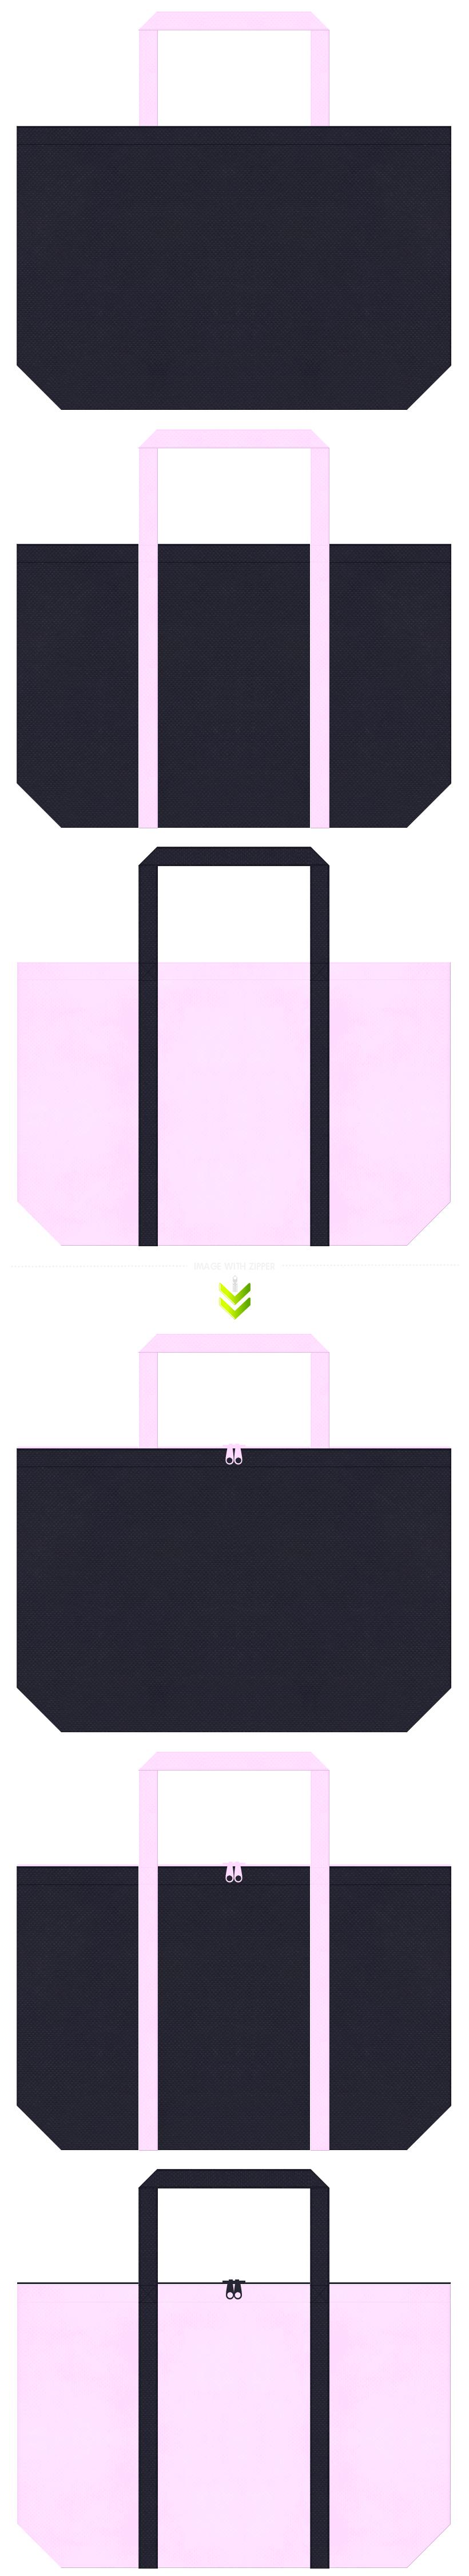 濃紺色と明るいピンク色の不織布エコバッグのデザイン。スポーティーファッションのショッピングバッグにお奨めです。